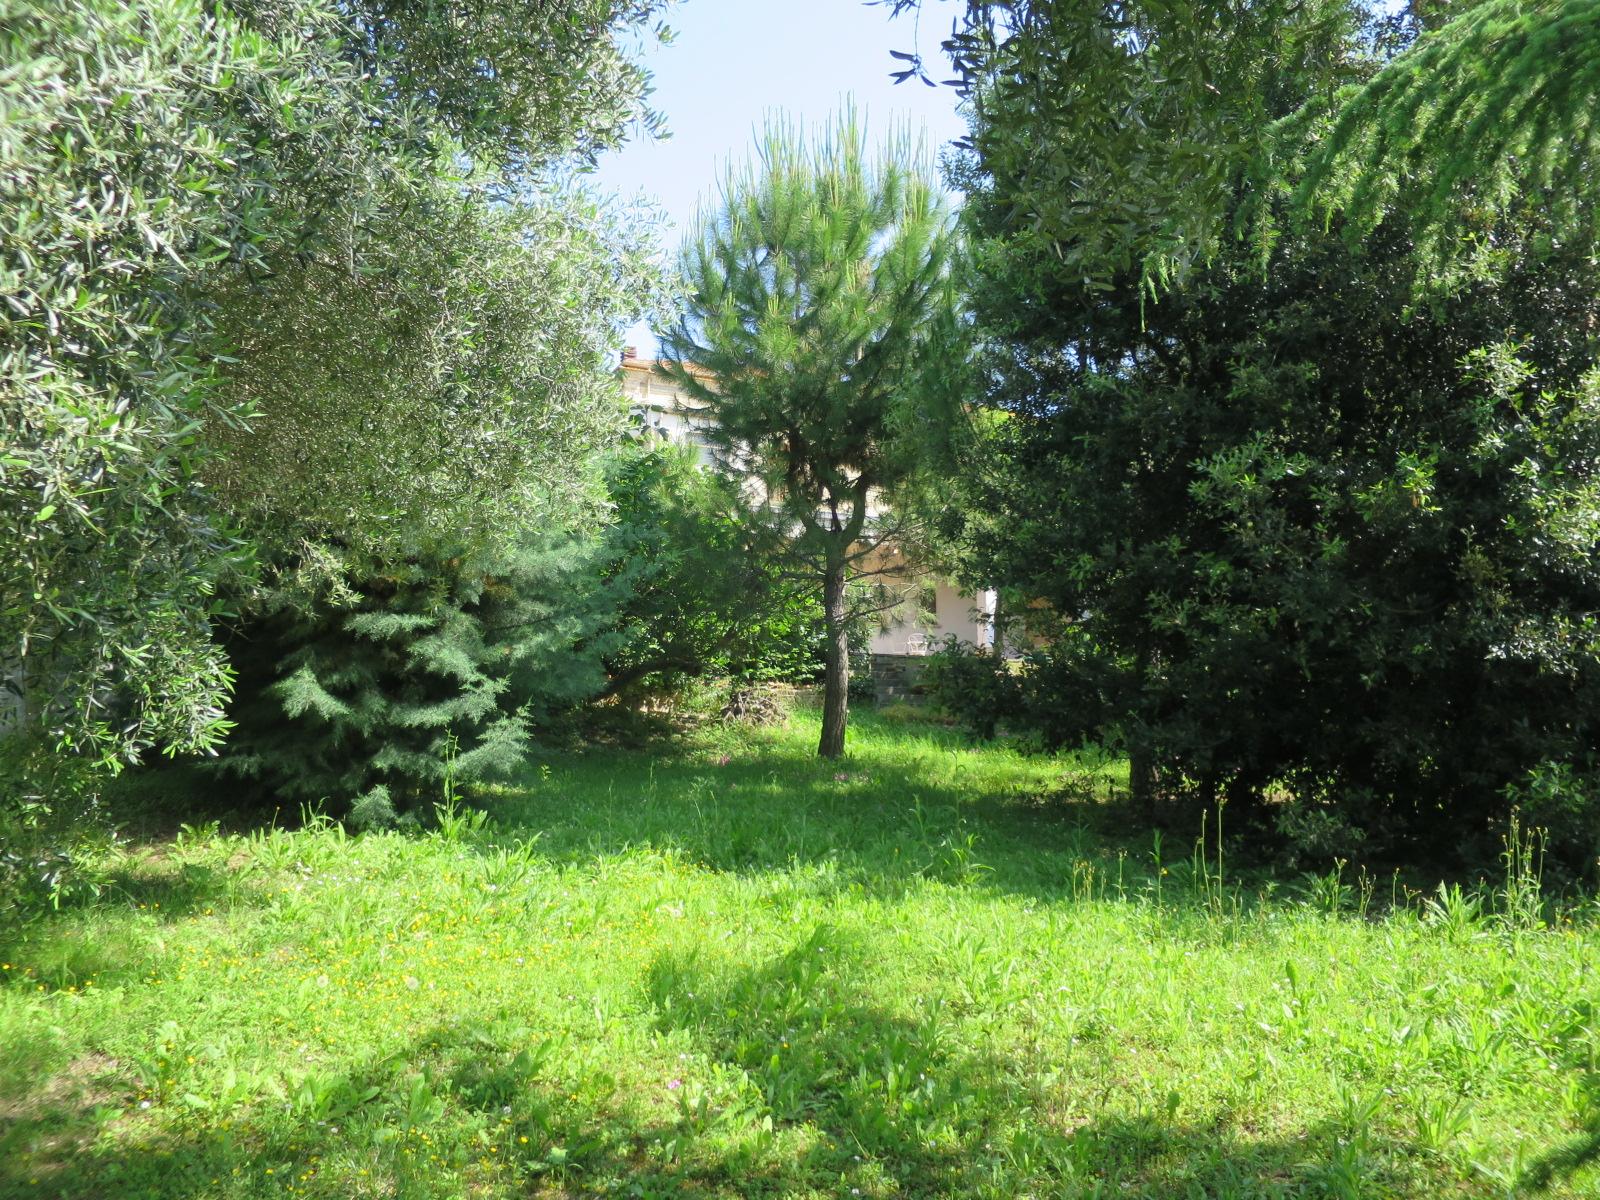 Villa Villa for sale Roseto degli Abruzzi (TE), Villa del Marinaio - Roseto degli Abruzzi - EUR 385.559 710